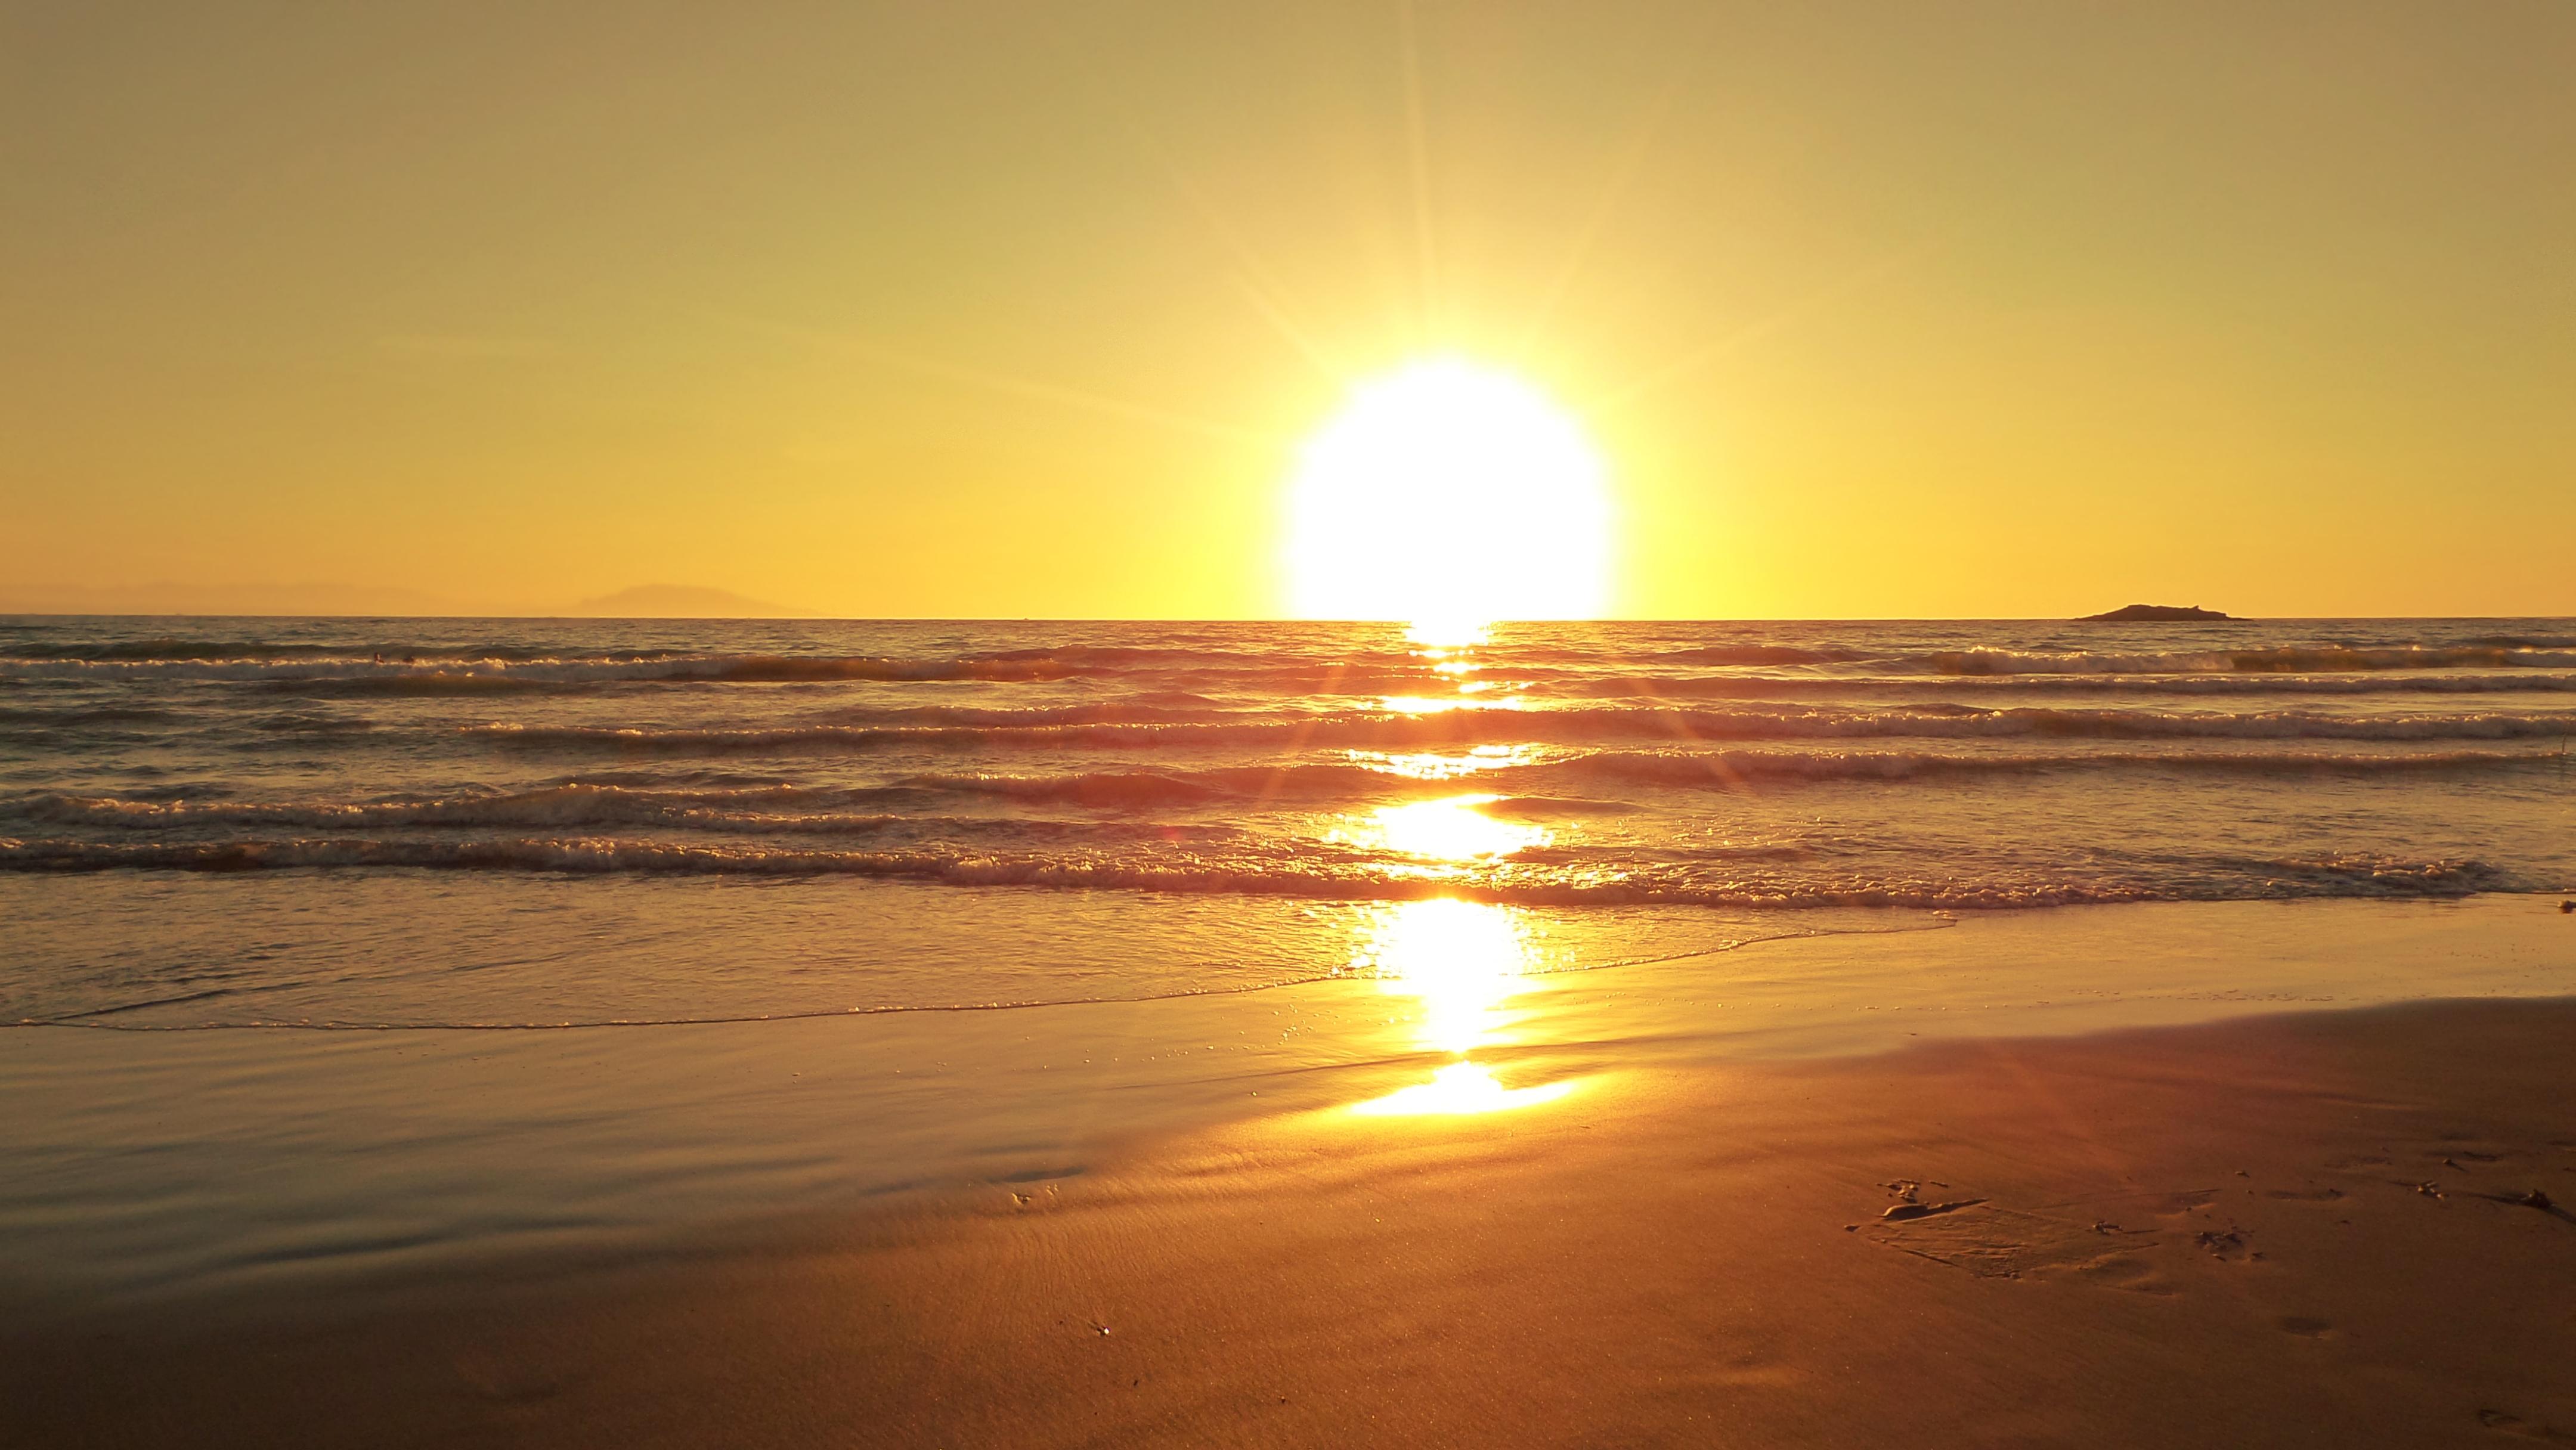 Golden Sunset Algiers 4k Ultra Hd Wallpaper Background Image 4320x2432 Wallpaper golden sky sea sunset horizon